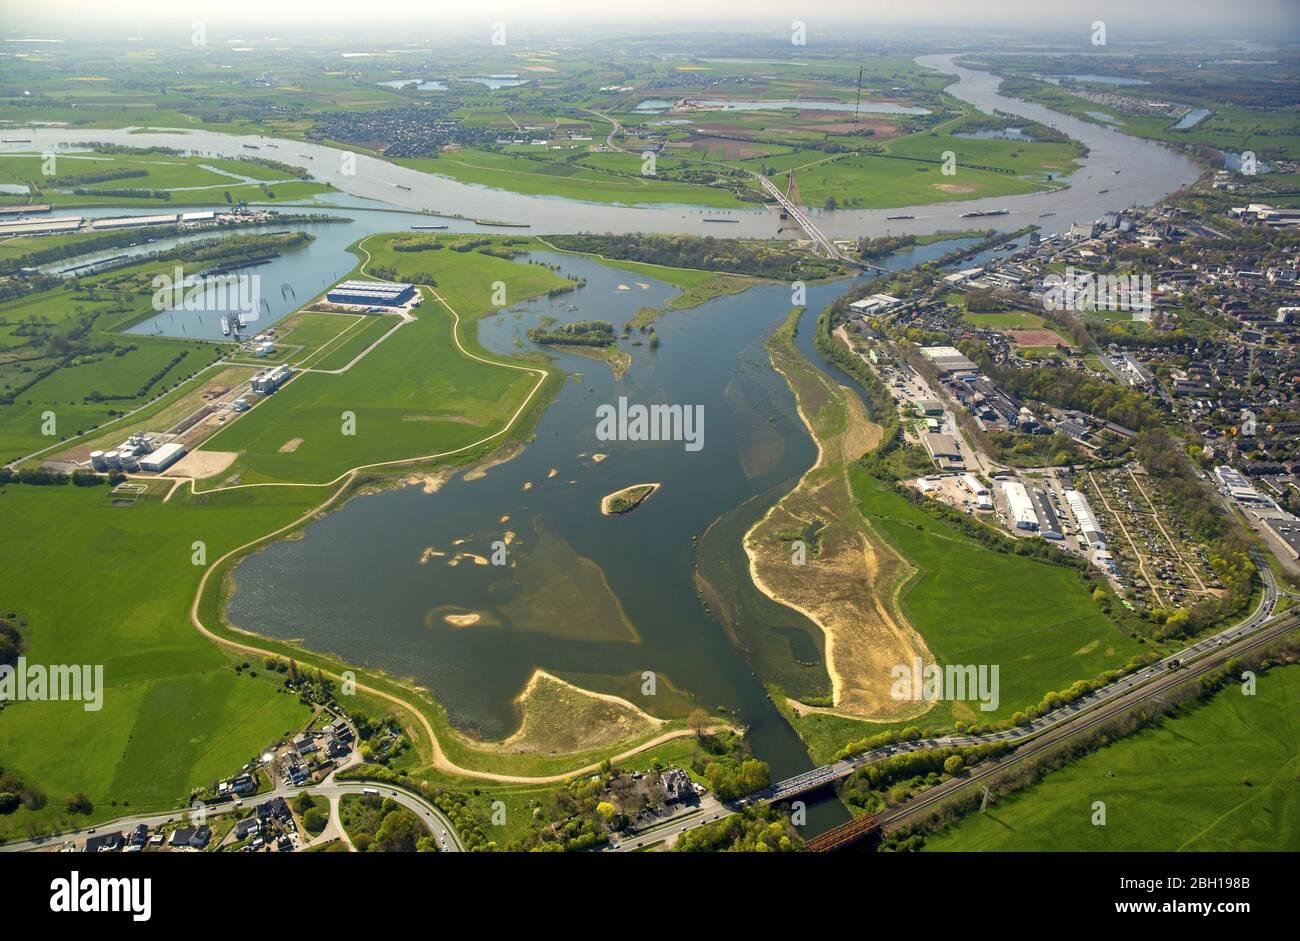 , inundó el lecho del río Lippe en la desembocadura del río Rhien en Wesel. 21.04.2016, vista aérea, Alemania, Renania del Norte-Westfalia, Área de Ruhr, Wesel Foto de stock